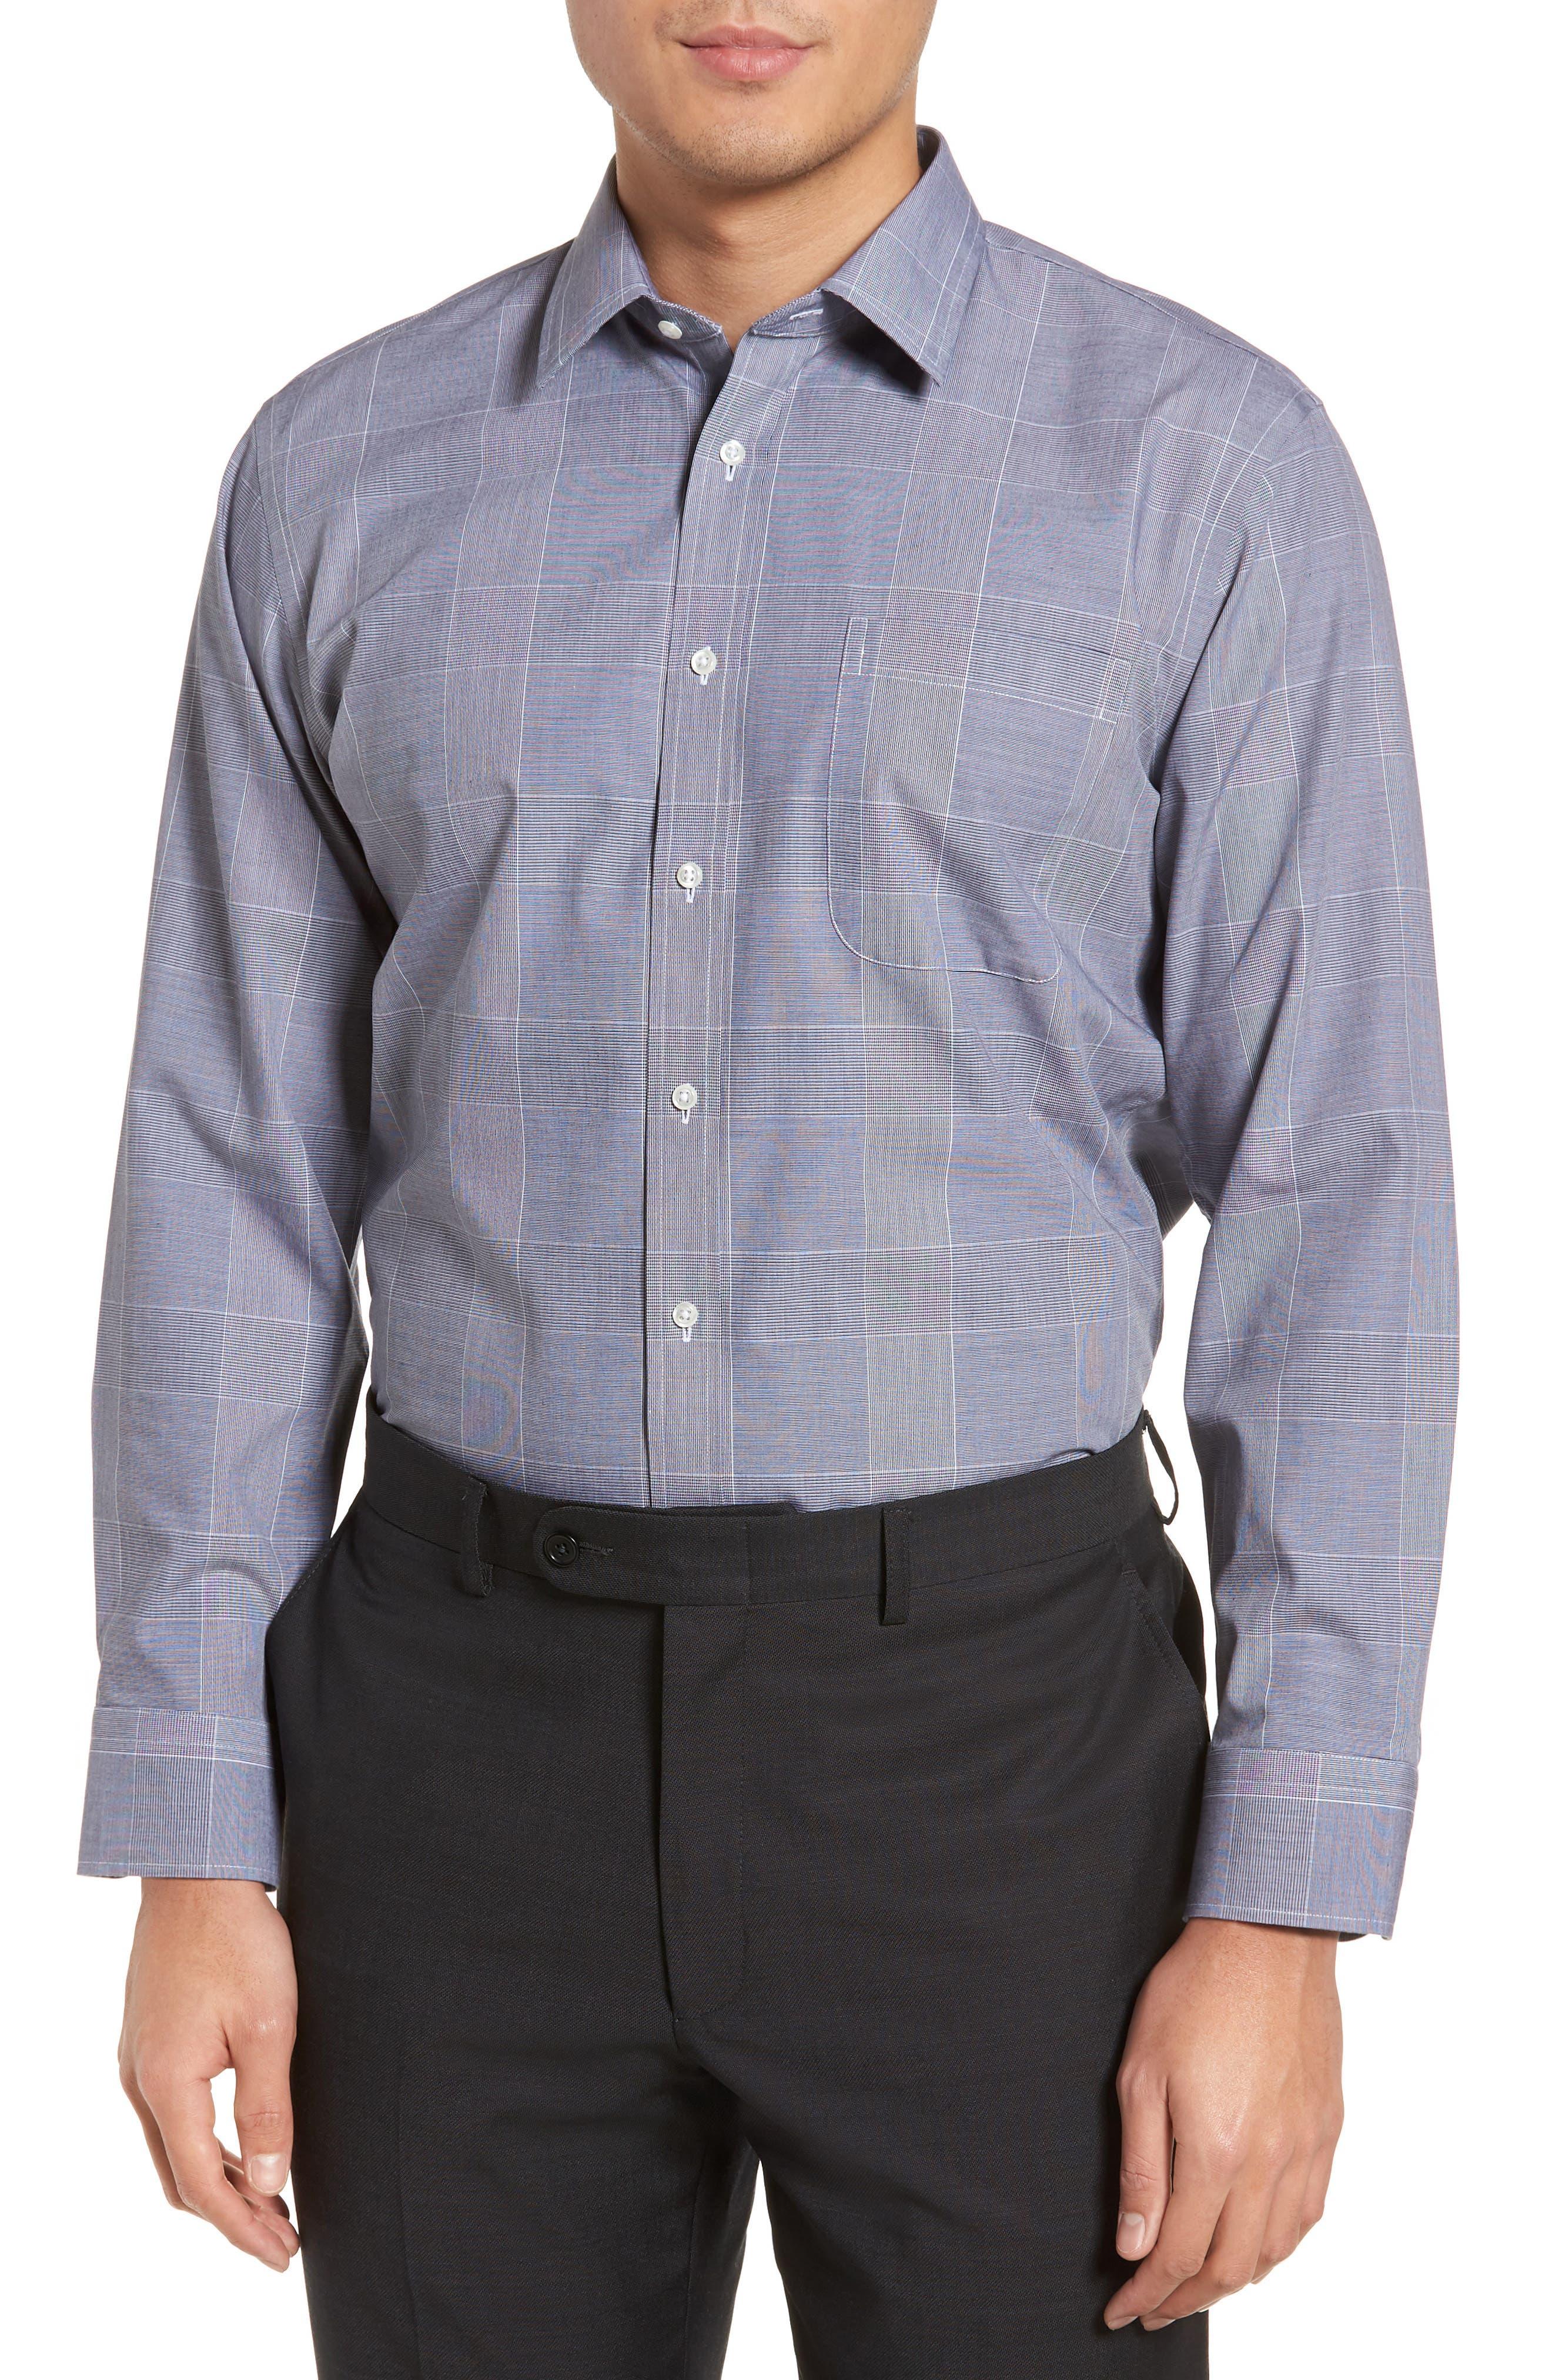 Smartcare<sup>™</sup> Trim Fit Plaid Dress Shirt,                             Main thumbnail 1, color,                             410